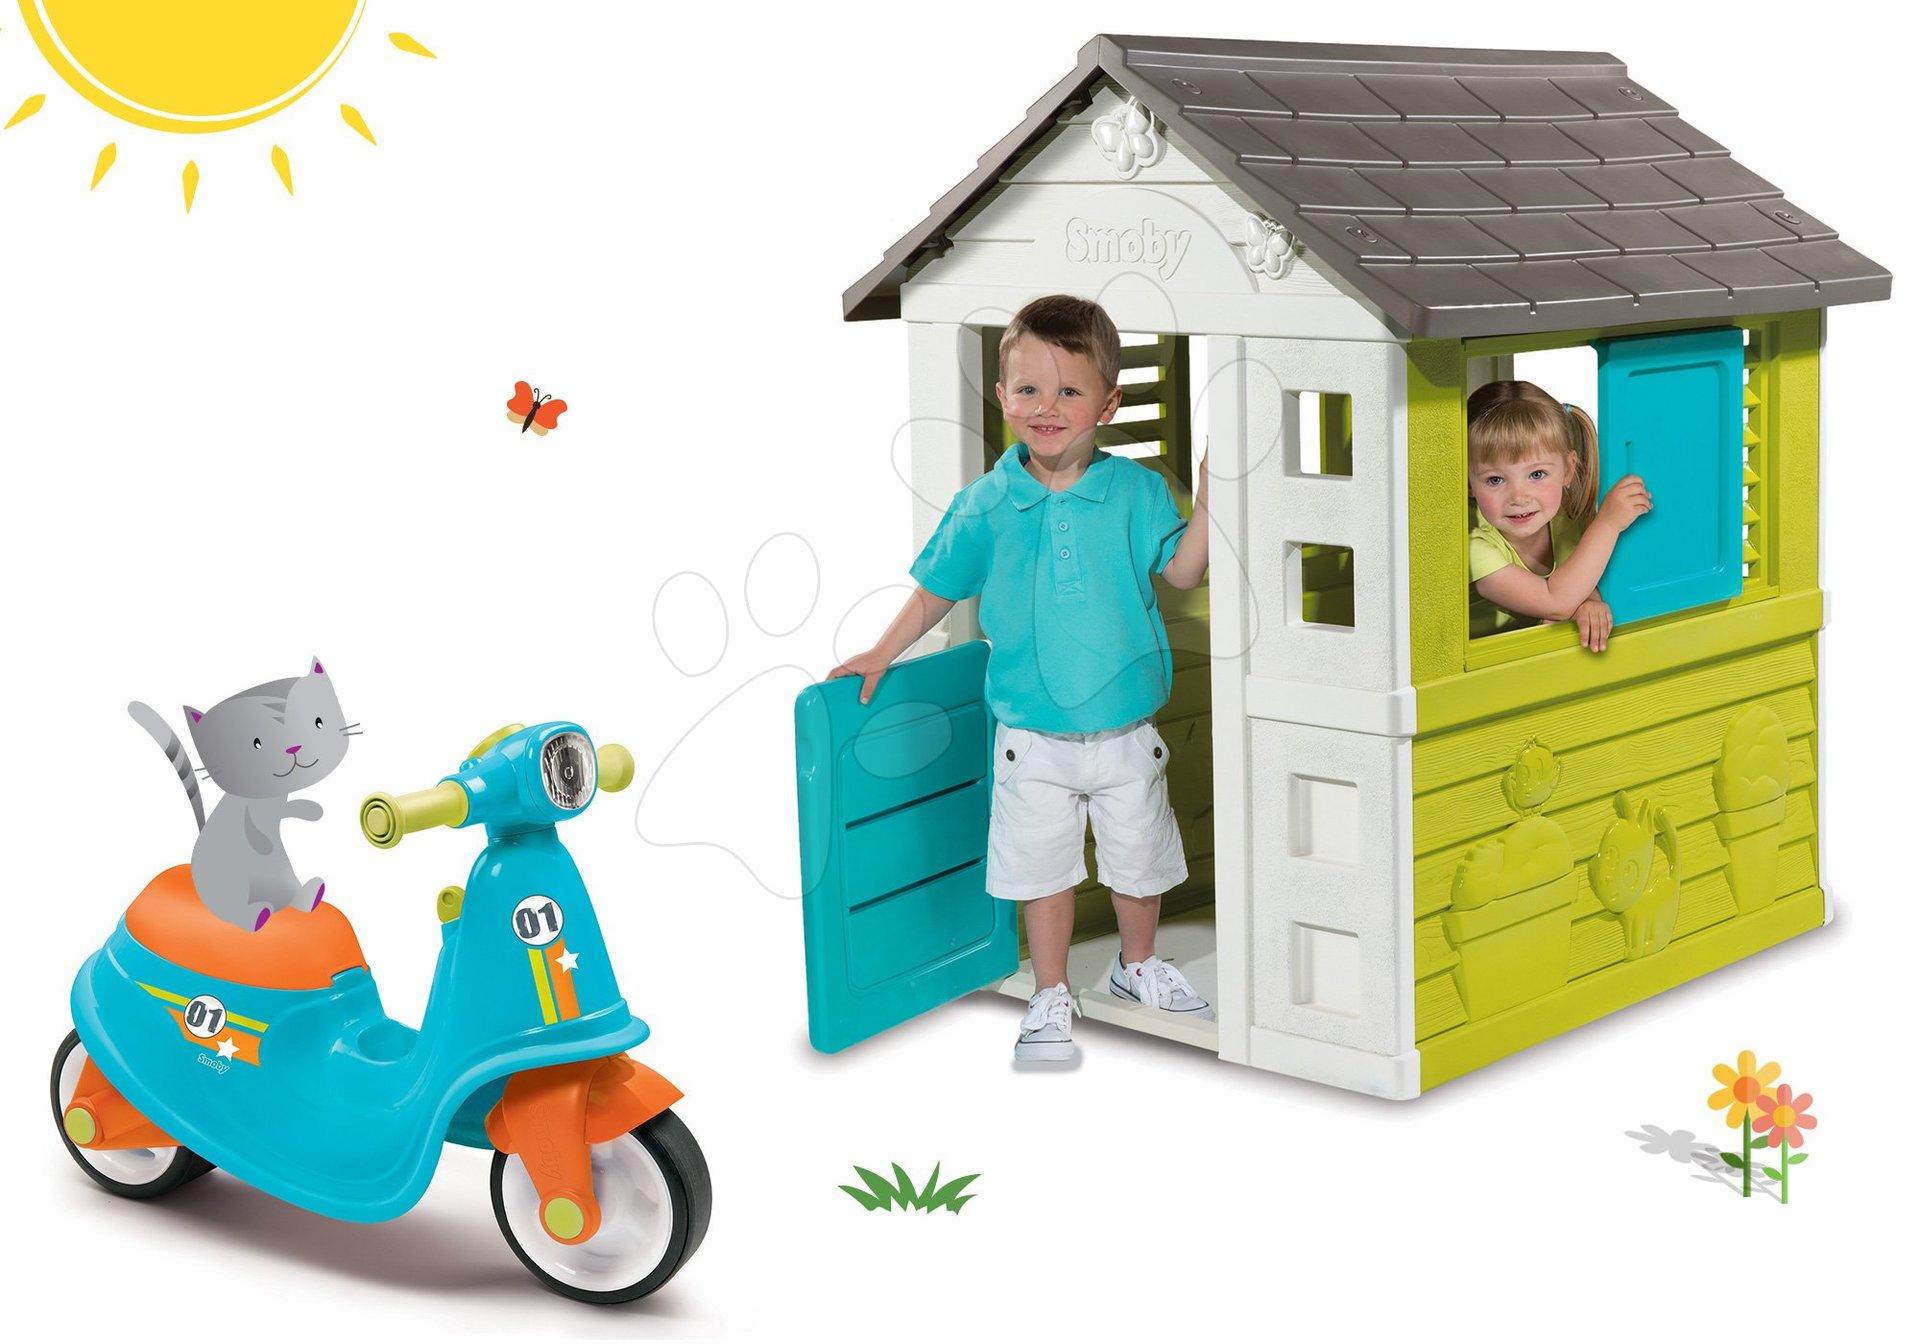 Smoby set domček Pretty Blue so zasúvacou okenicou a odrážadlo Scooter Blue s gumenými kolesami 310064-14